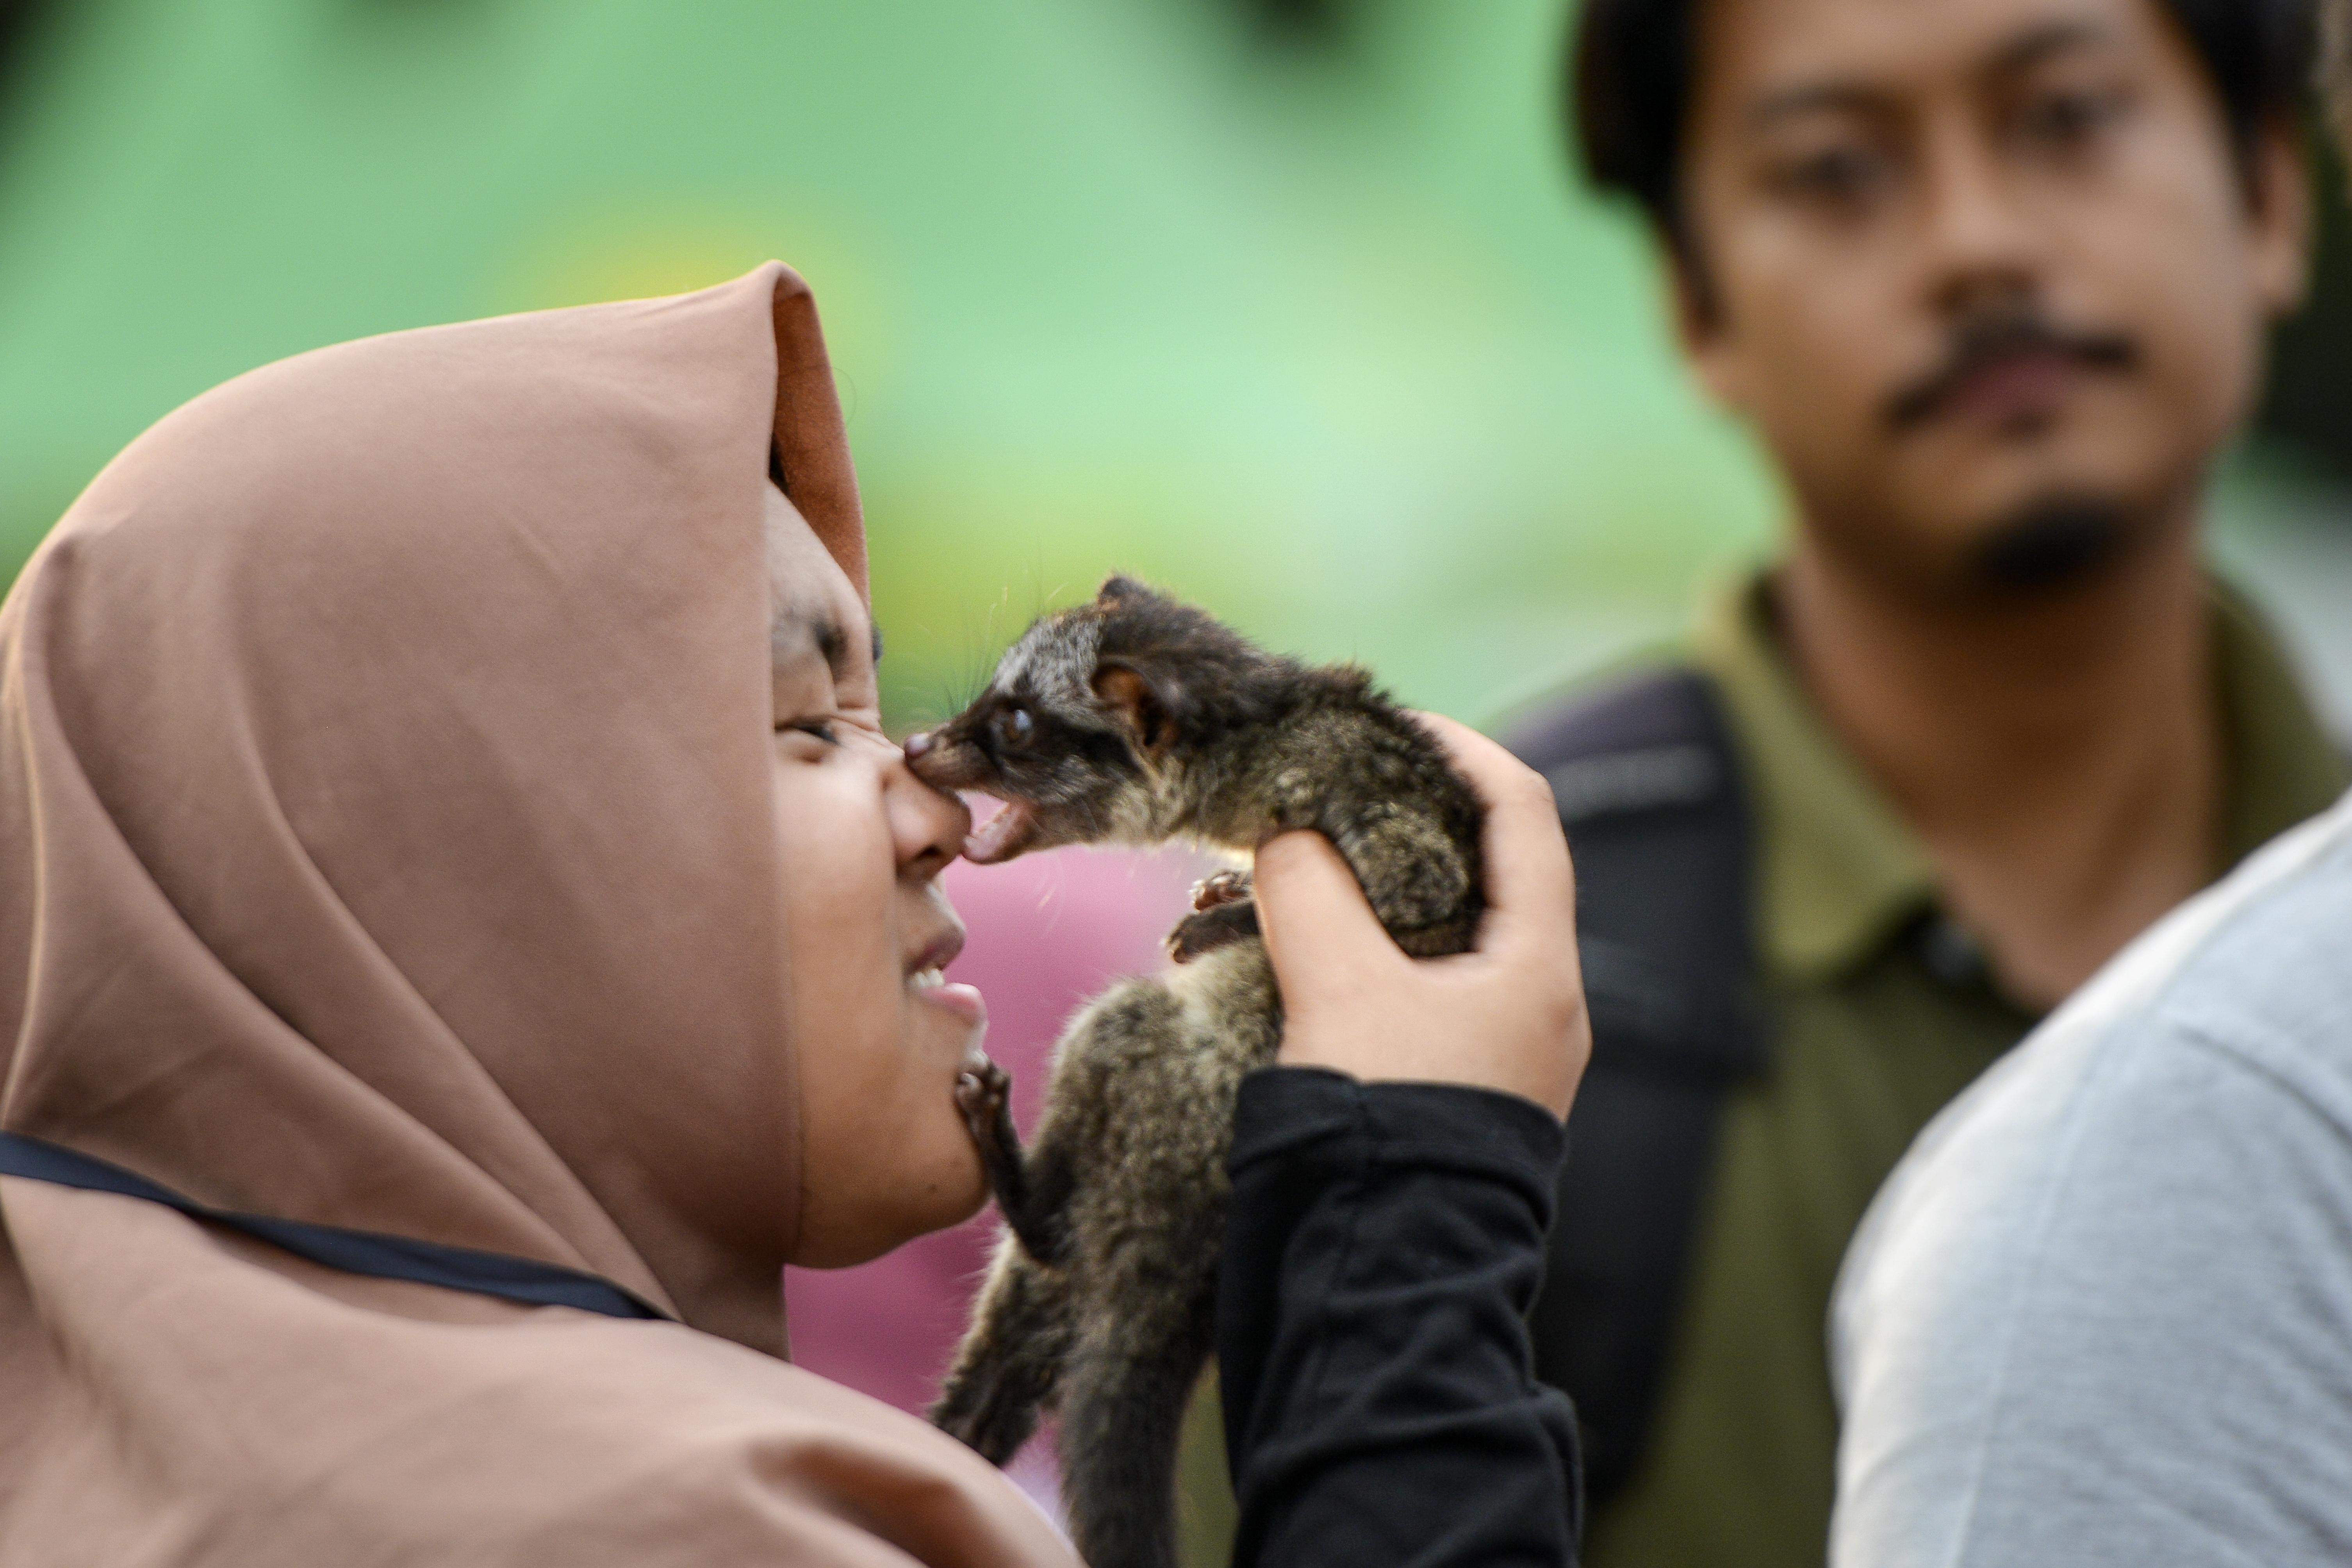 سيدة تلعب مع حيوان الزباد